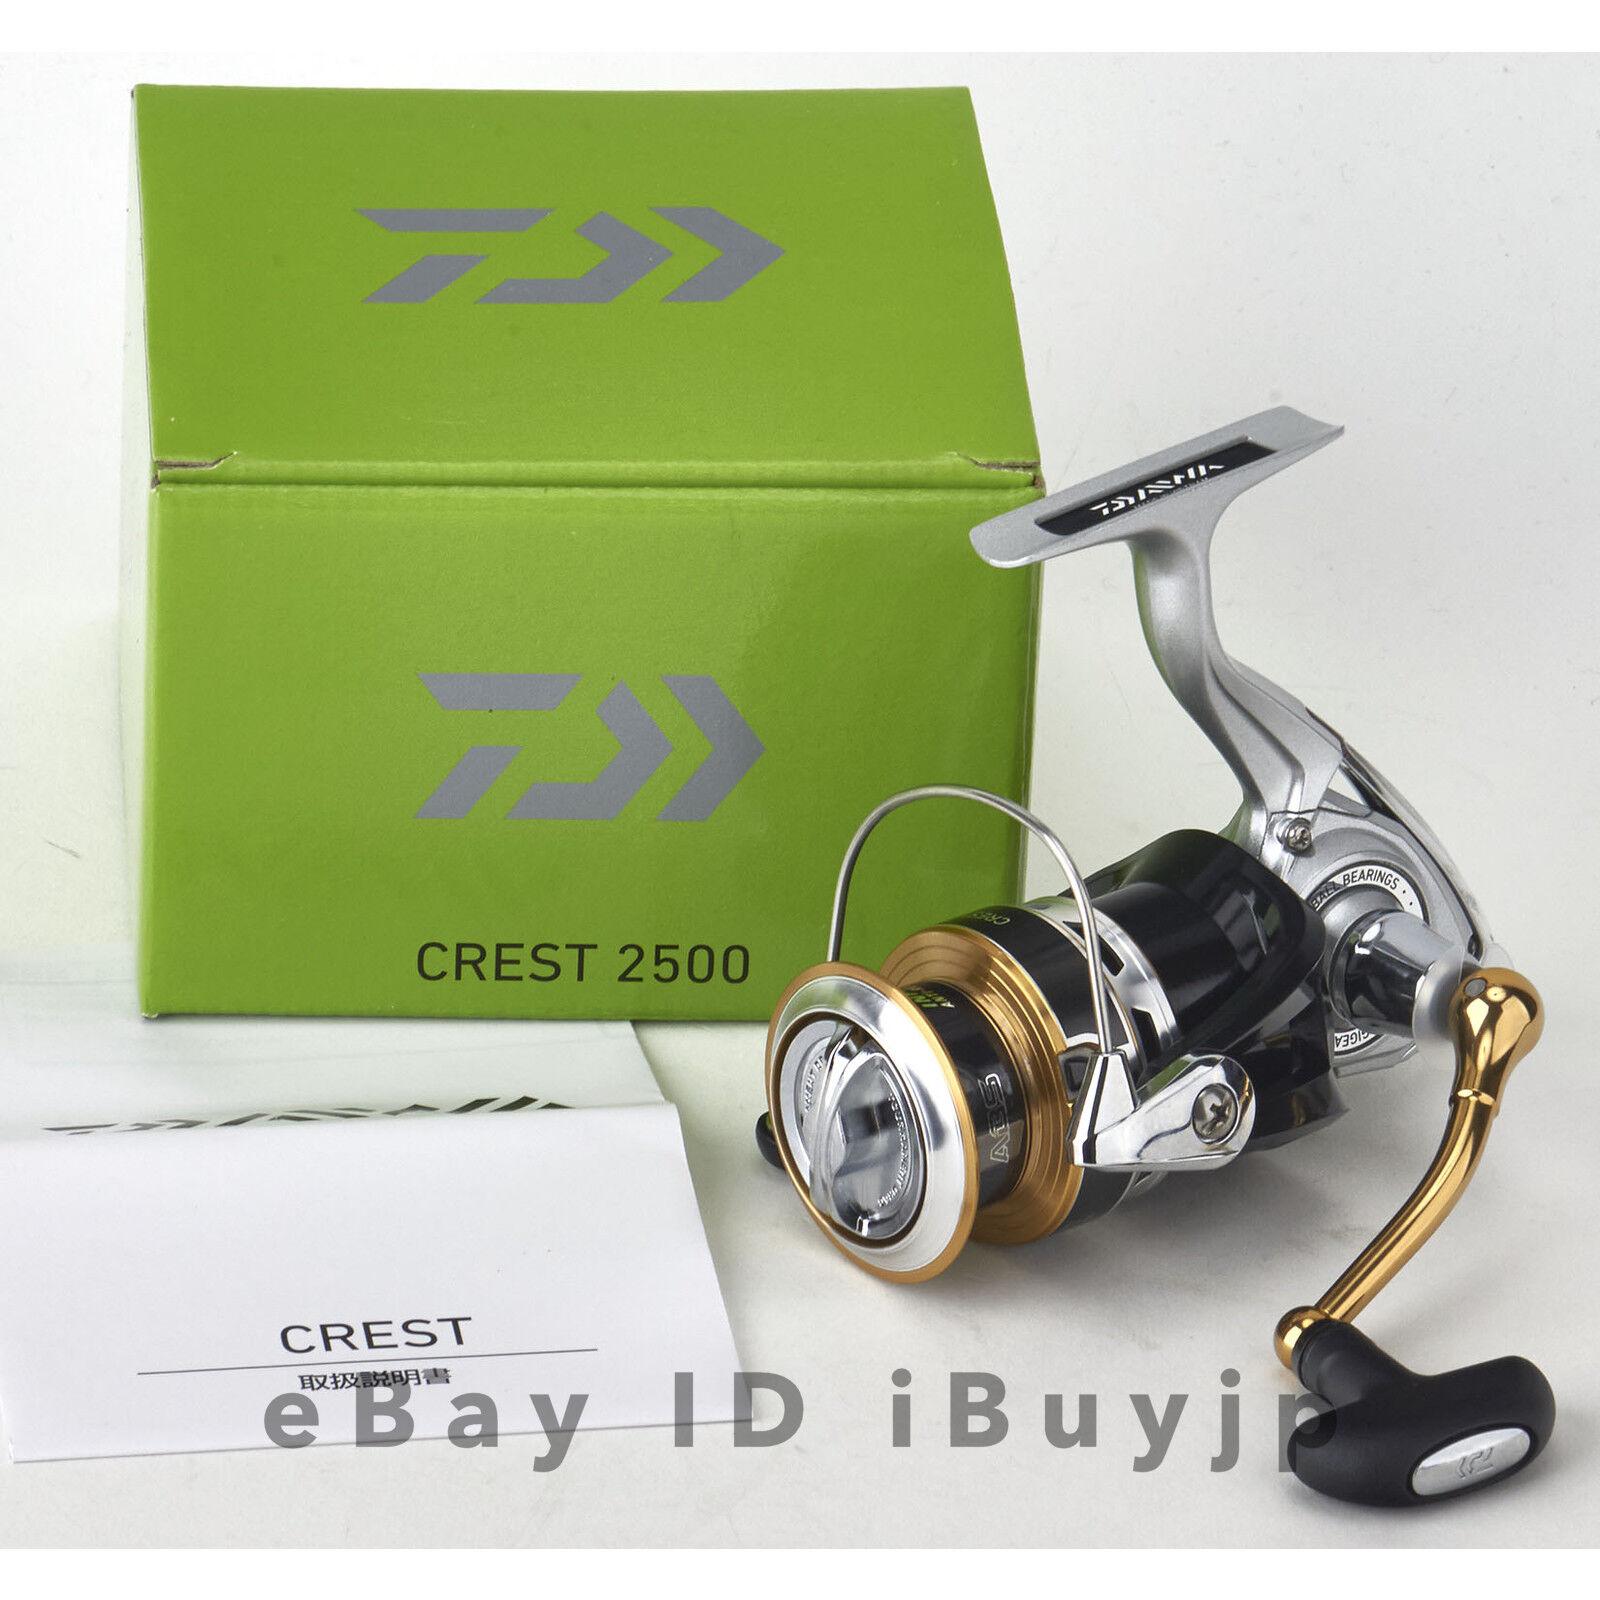 Daiwa  16 Crest 2500 Cocherete giratorio para Agua Salada 032780  opciones a bajo precio